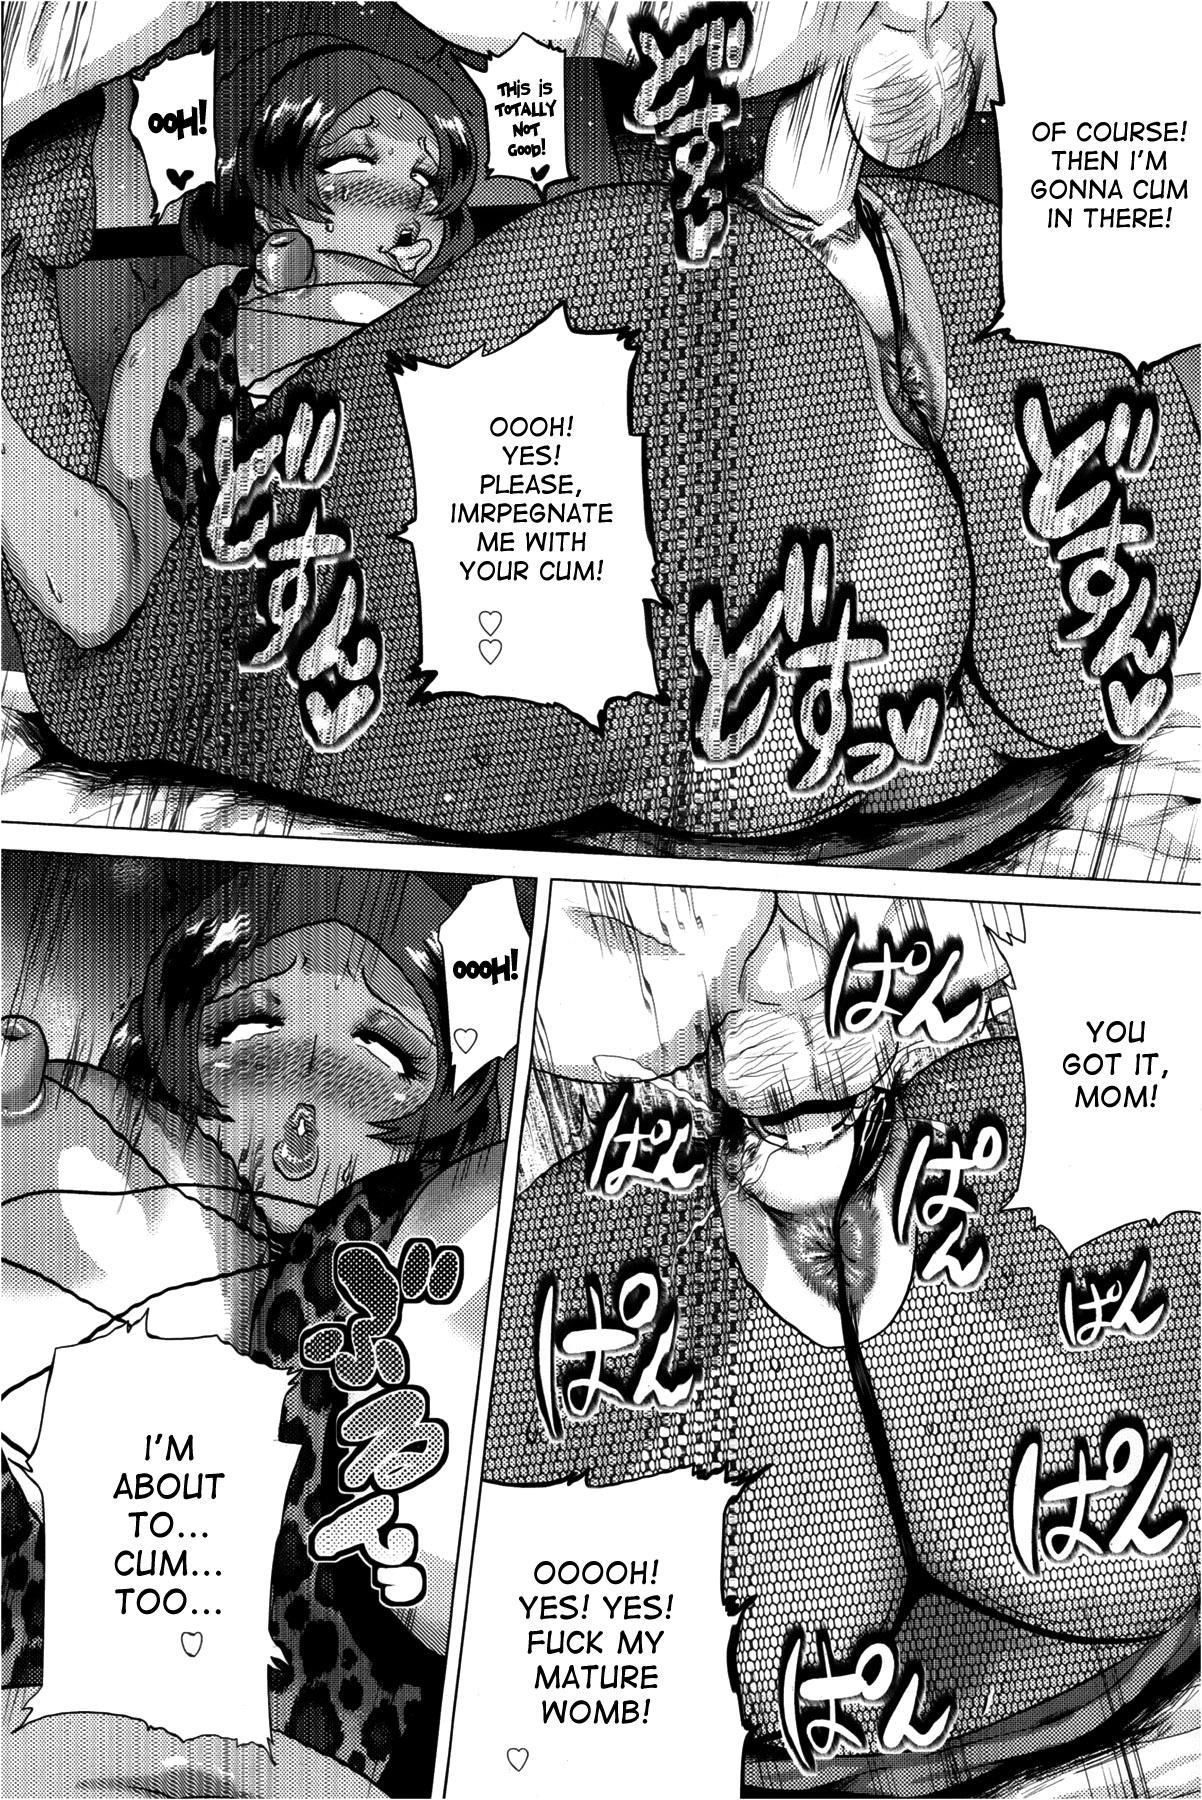 [Yokkora] Megabody Night ~Watashi no Oniku wo Meshiagare~ | Megabody Night ~My voluptuous body & mom love~ [English] {Laruffi + desudesu + EHCOVE} 44